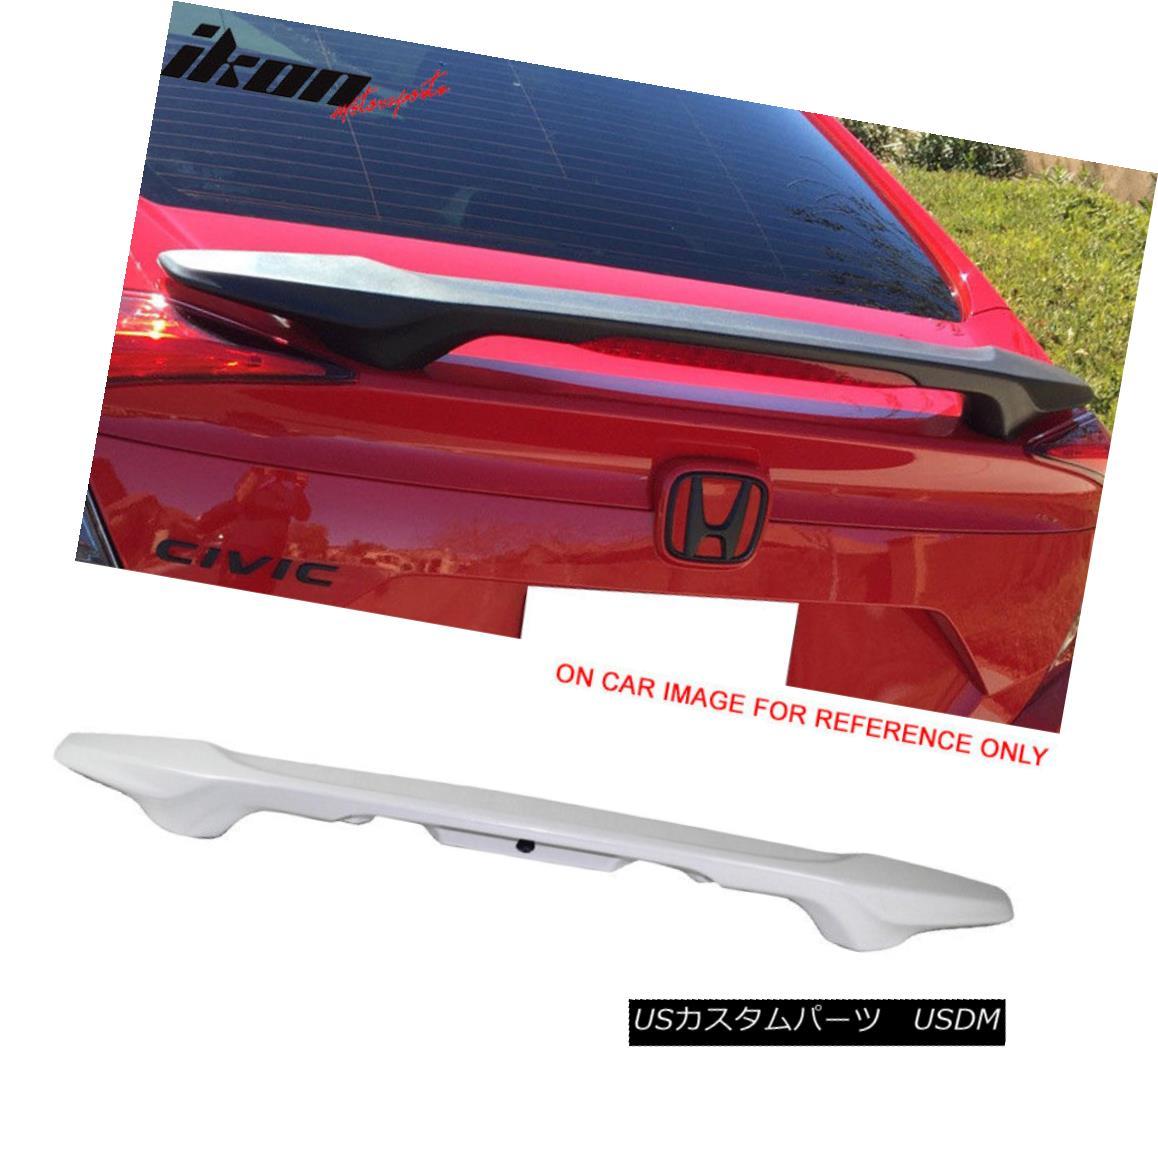 エアロパーツ 16-18 Civic Sedan OE Factory Painted Trunk Spoiler #NH788P White Orchid Pearl 16-18シビックセダンOE工場塗装トランクスポイラー#NH788Pホワイトオーキッドパール